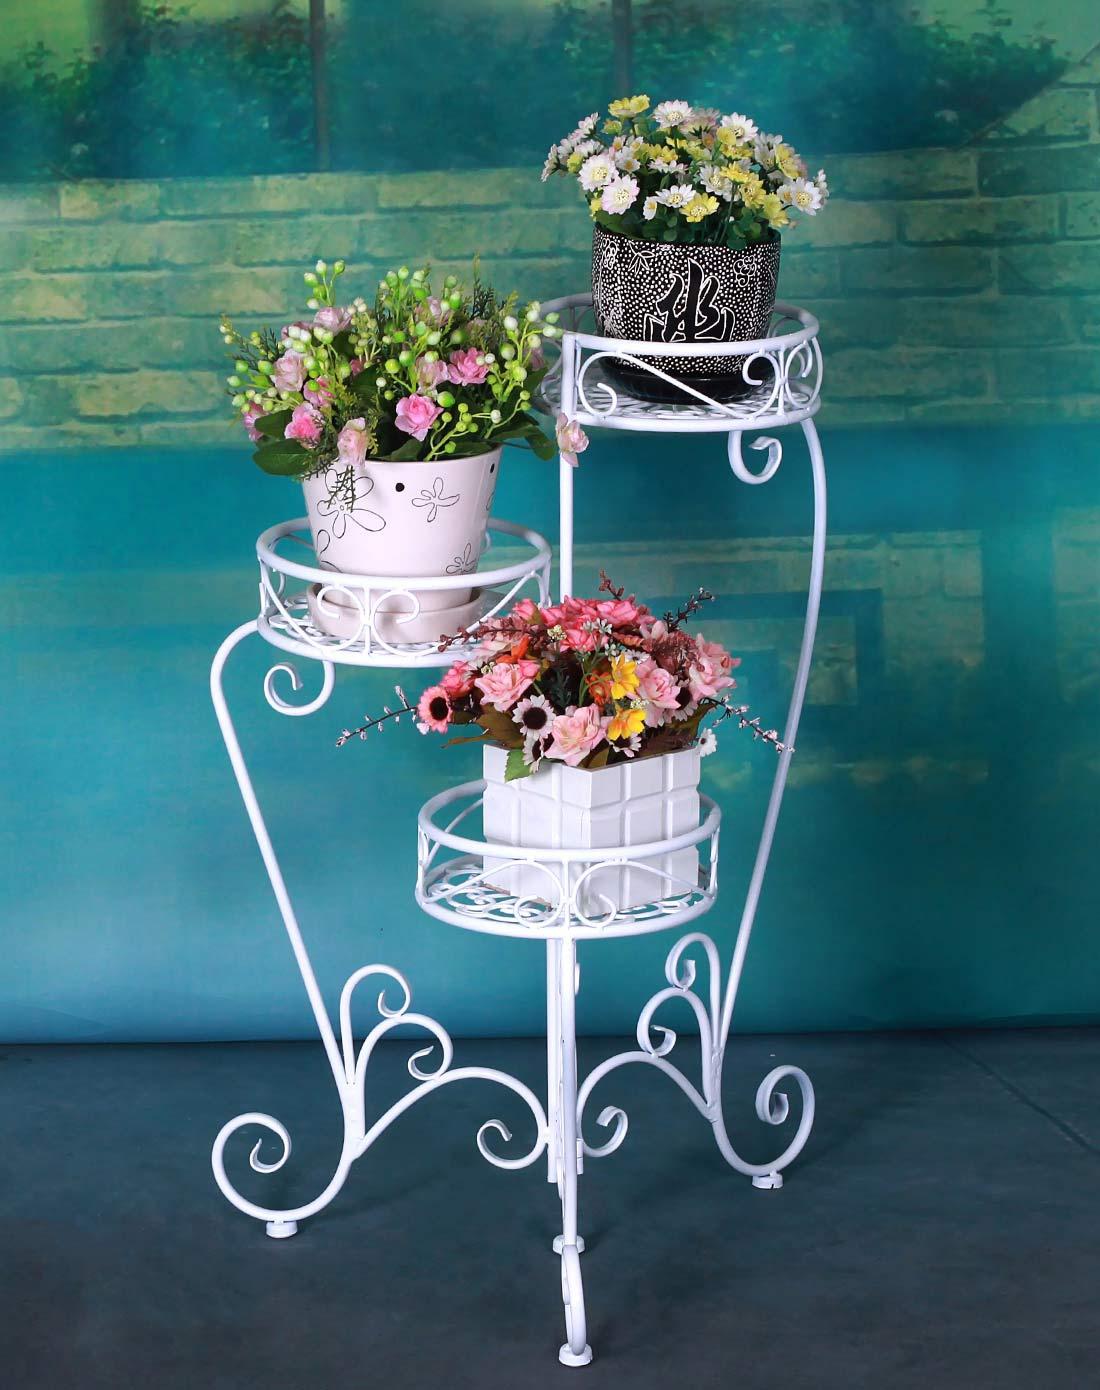 新滢铁艺白色欧式时尚铁艺花架折叠型三层花盆架xy